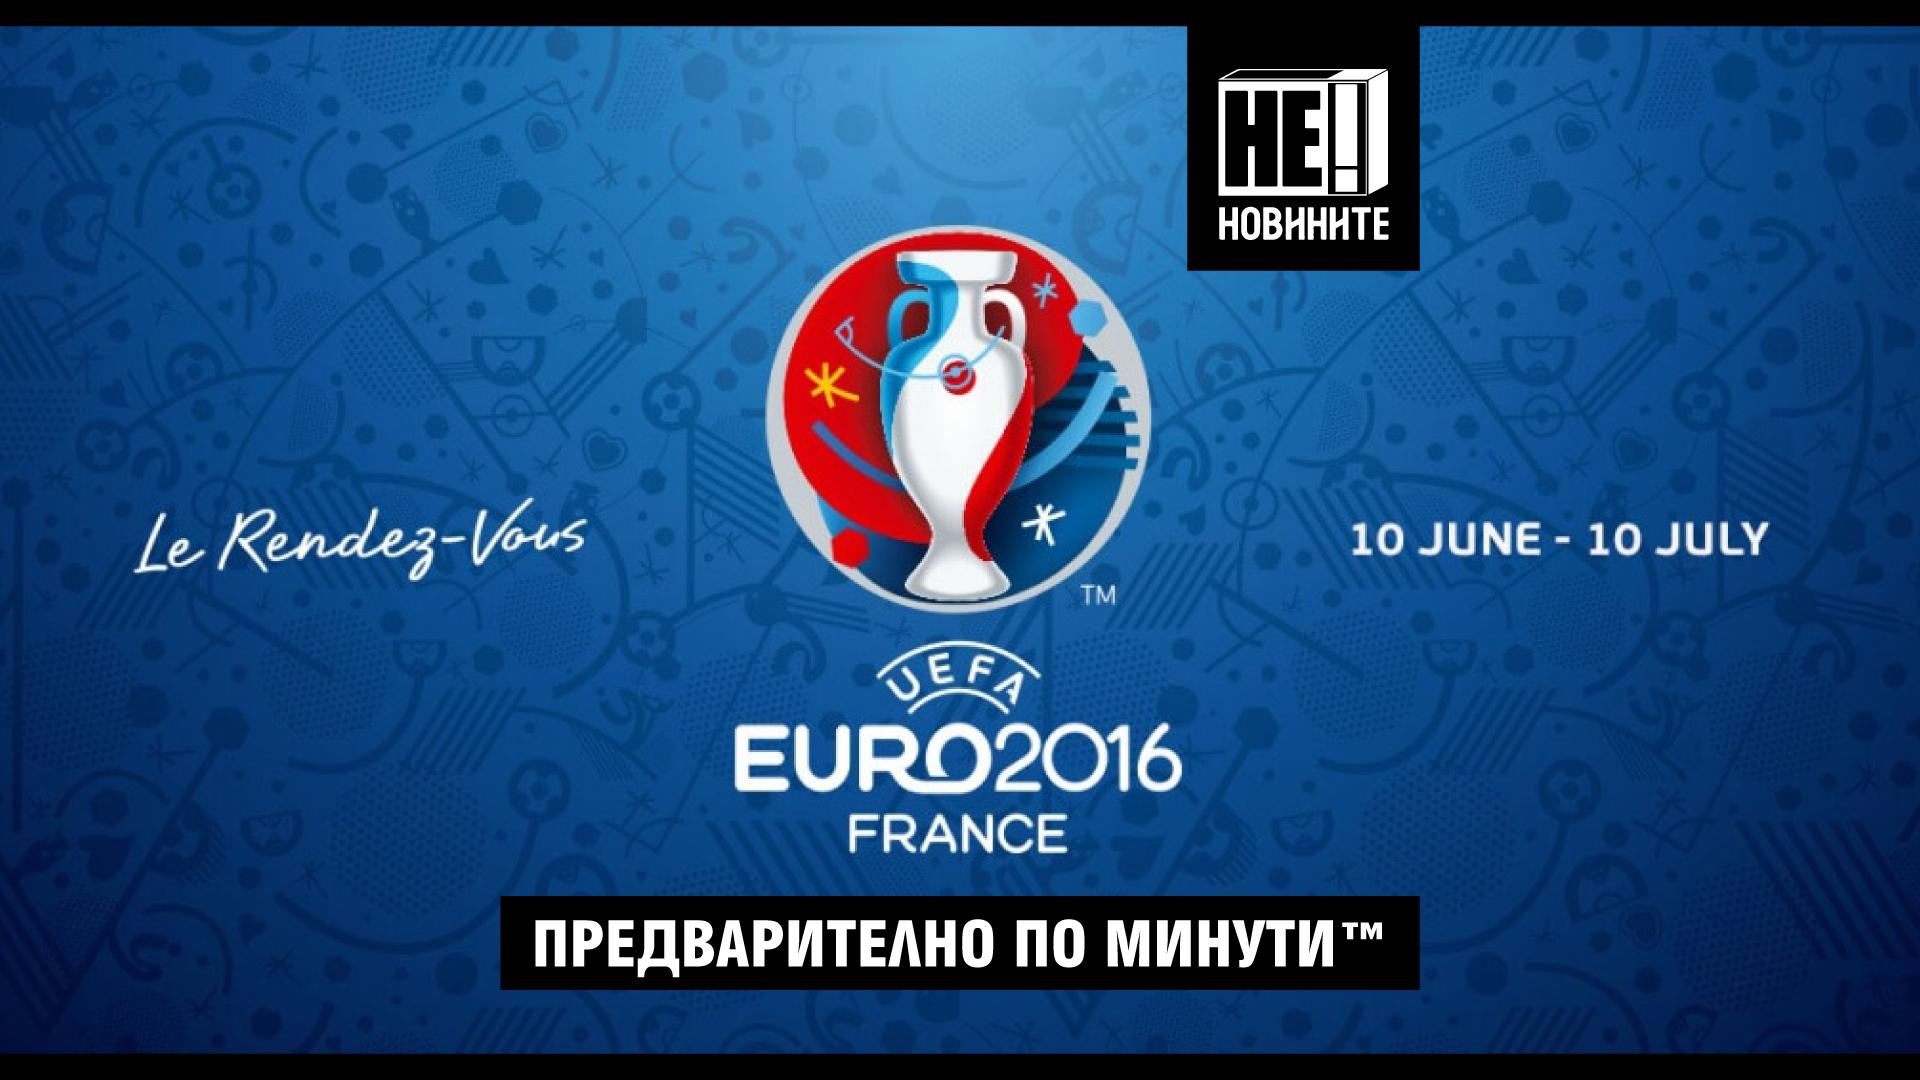 първенство Италия – Швеция (Предварително по минути™) А1 Блог